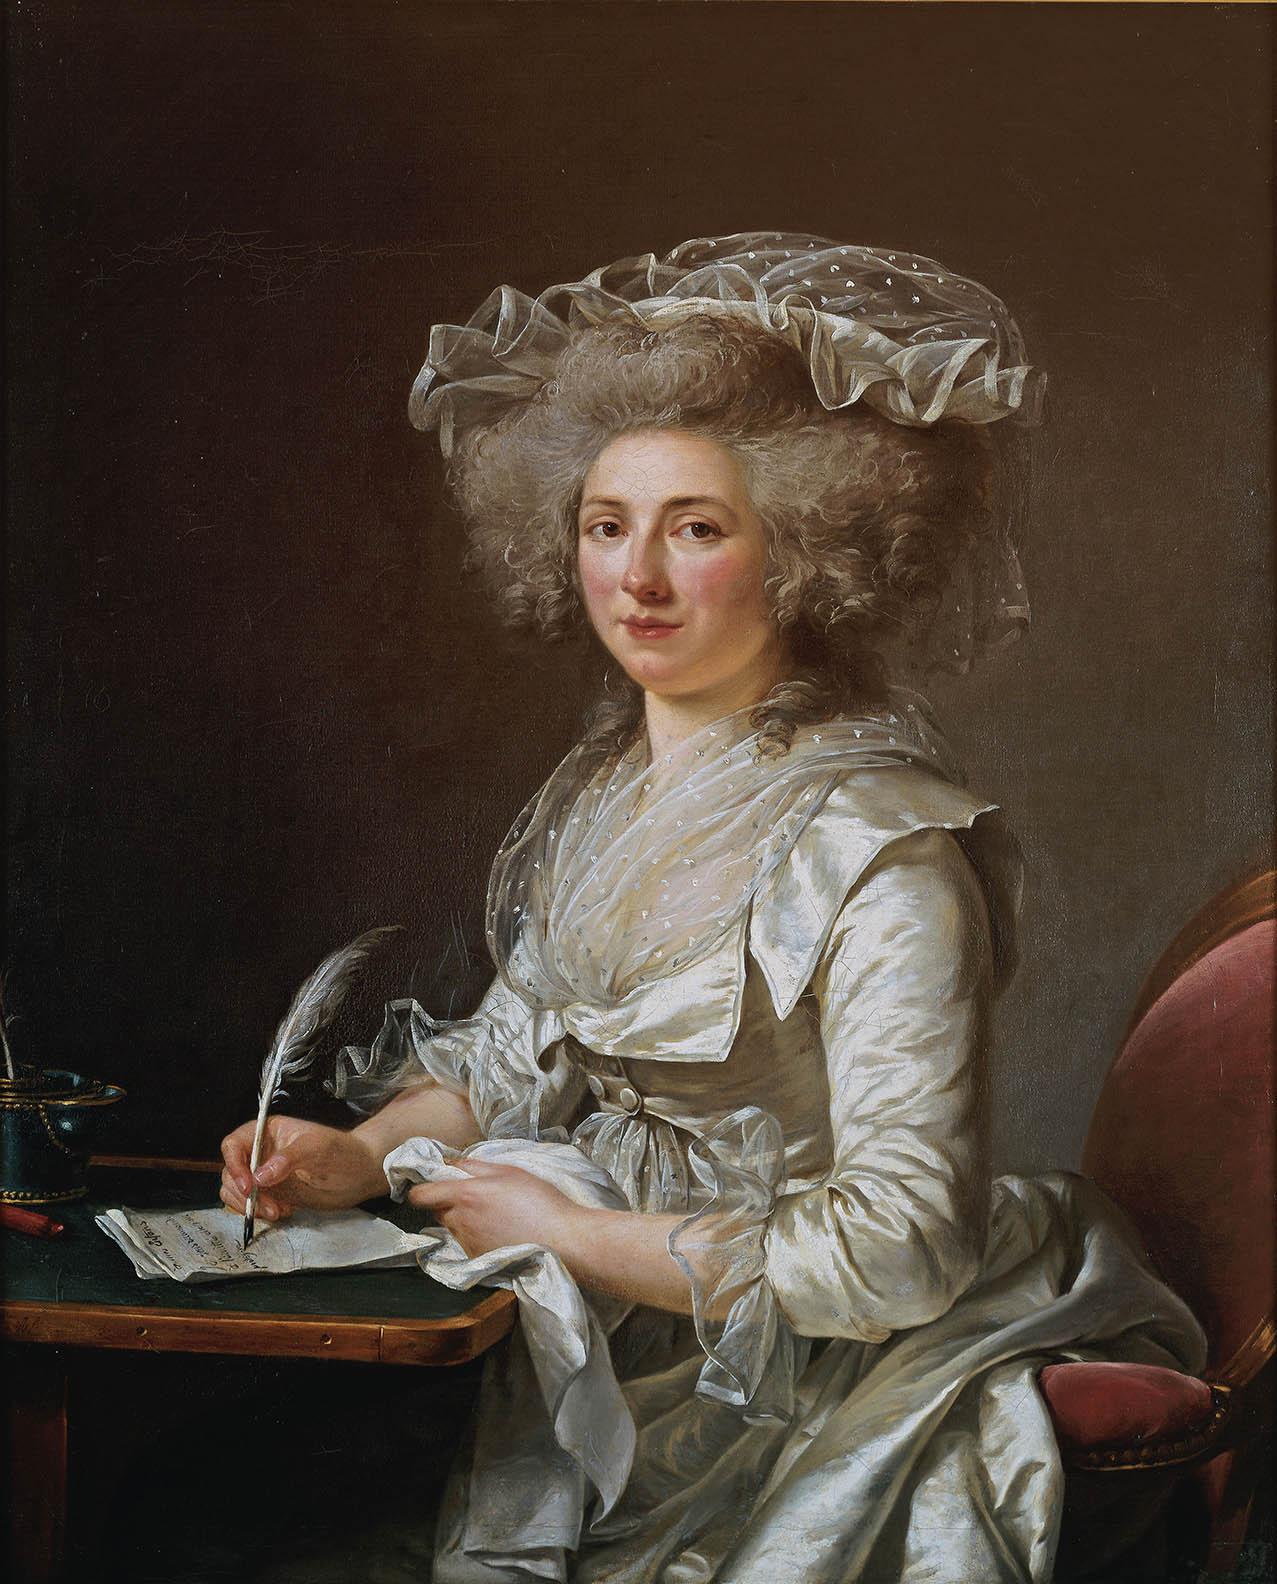 Adélaïde Labille-Guiard. Retrato de una dama. Hacia 1787. Museo de Bellas Artes. Quimper.